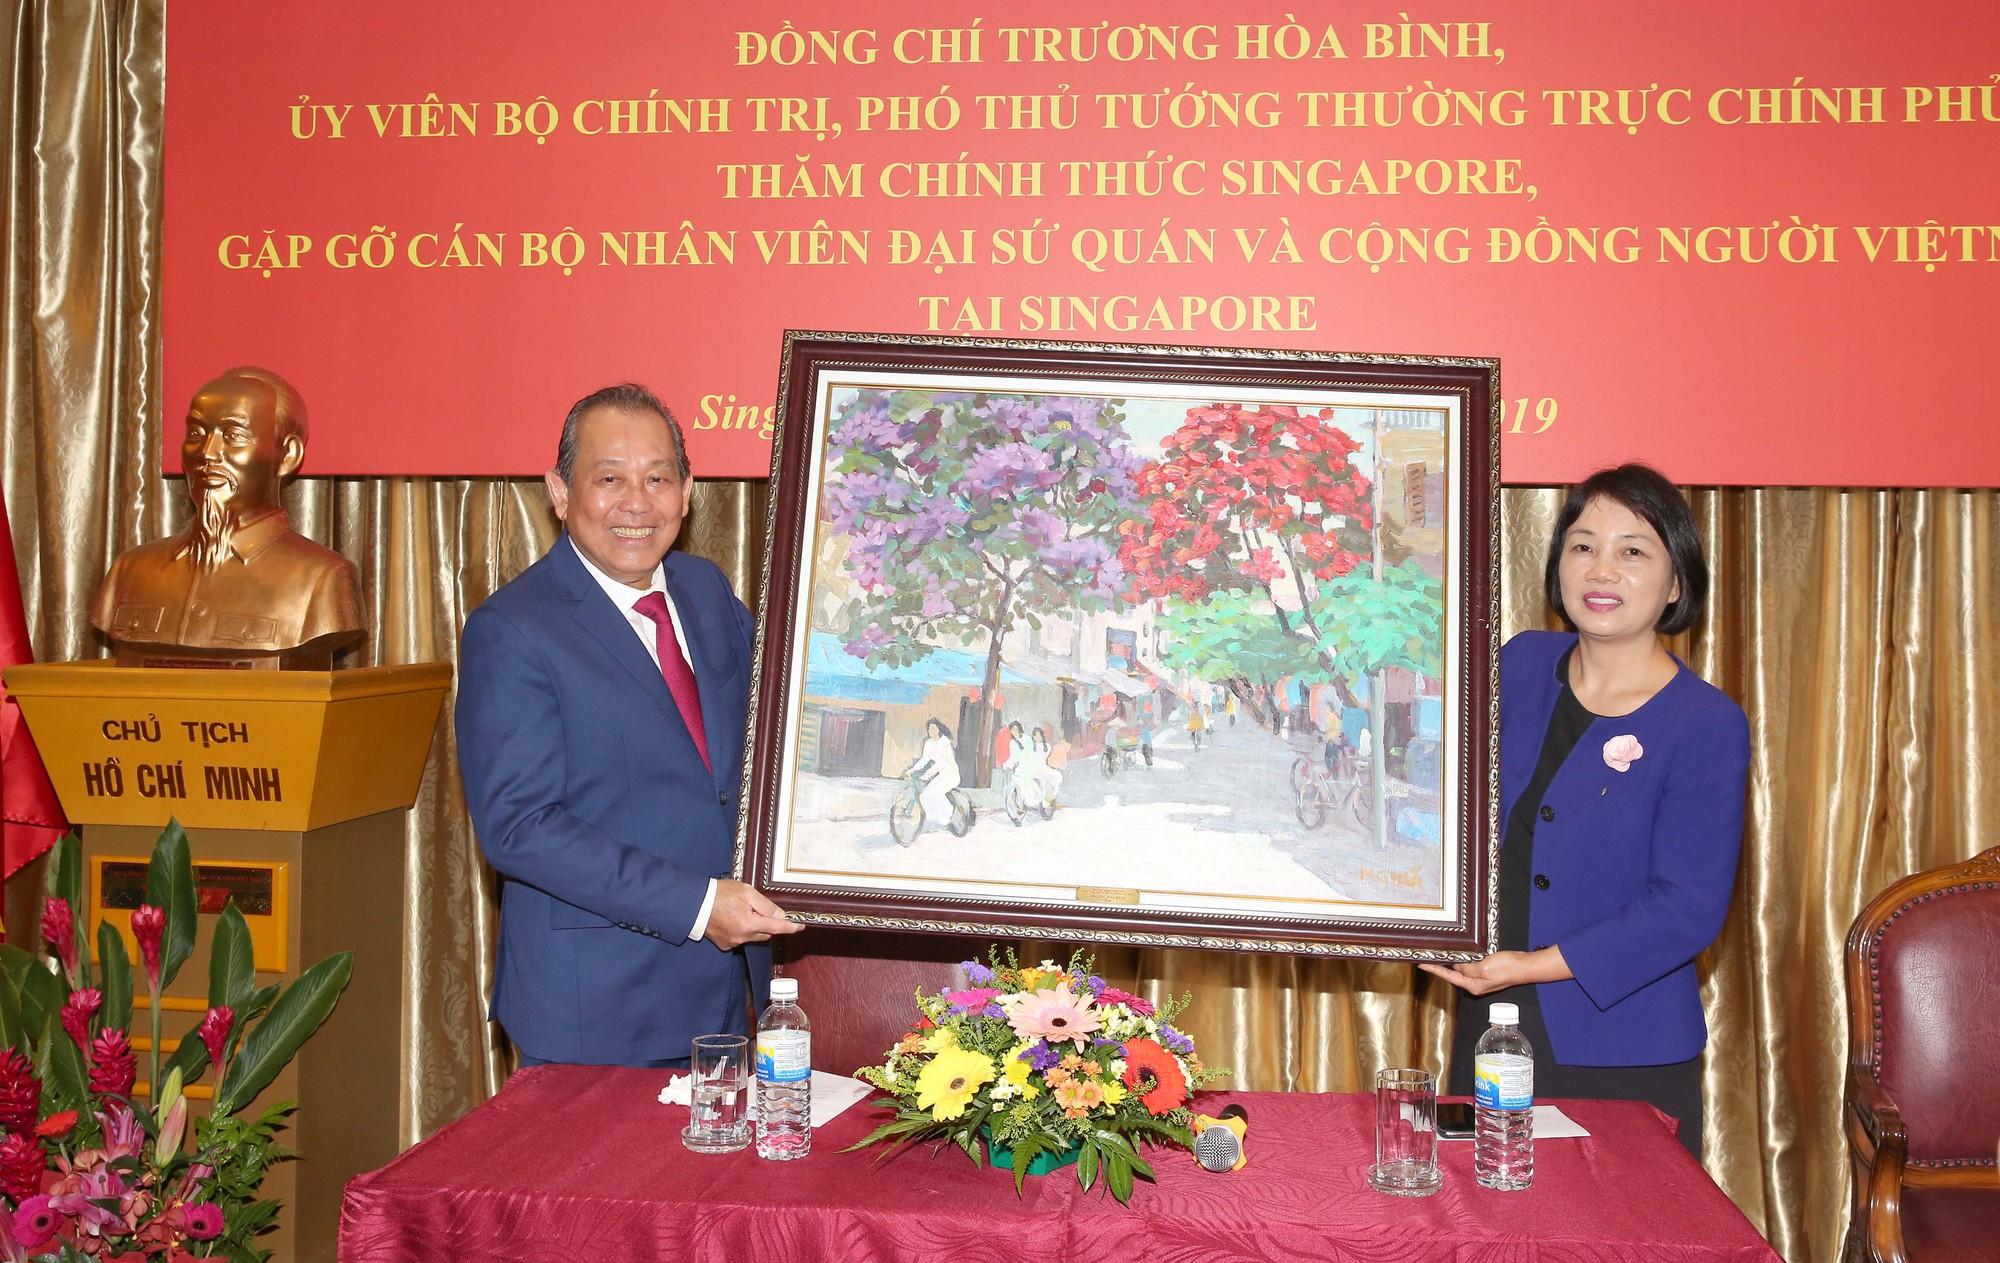 Phó Thủ tướng thăm sứ quán và tọa đàm tại Liên đoàn Sản xuất Singapore - Ảnh 2.